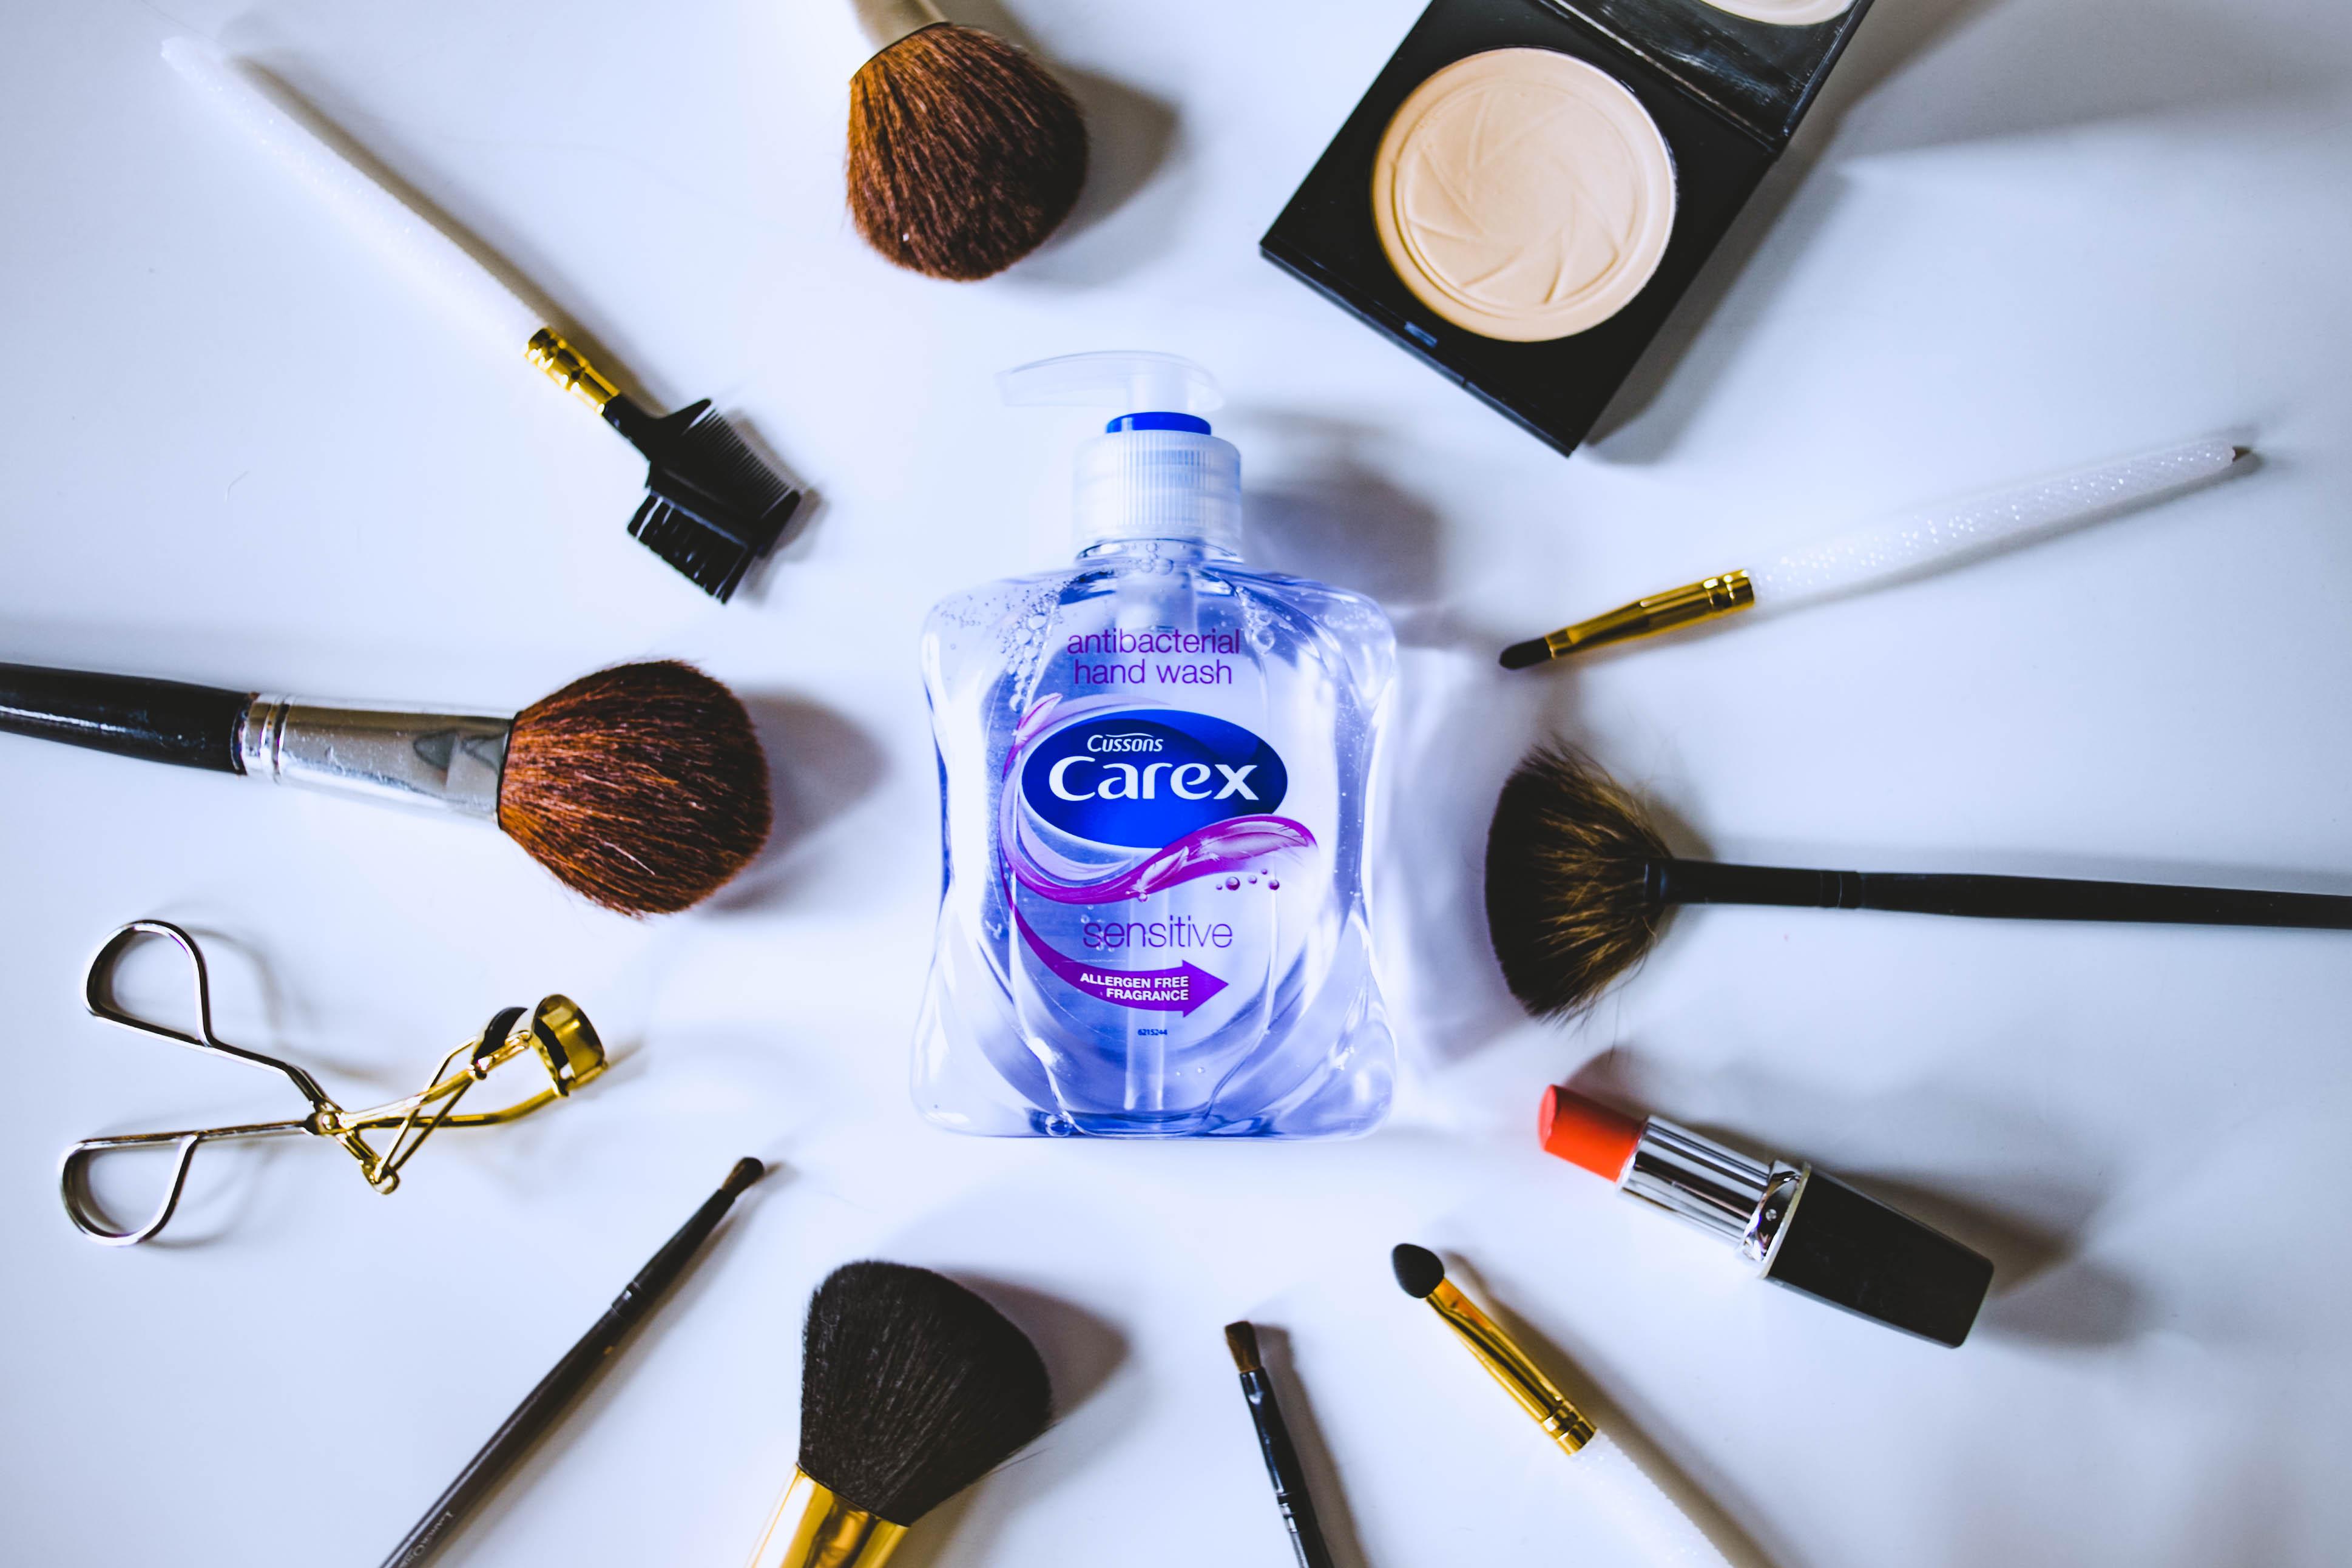 Uroda  Kosmetyczny niezbędnik Carex, czyli jak prawidłowo dbać o akcesoria do makijażu?